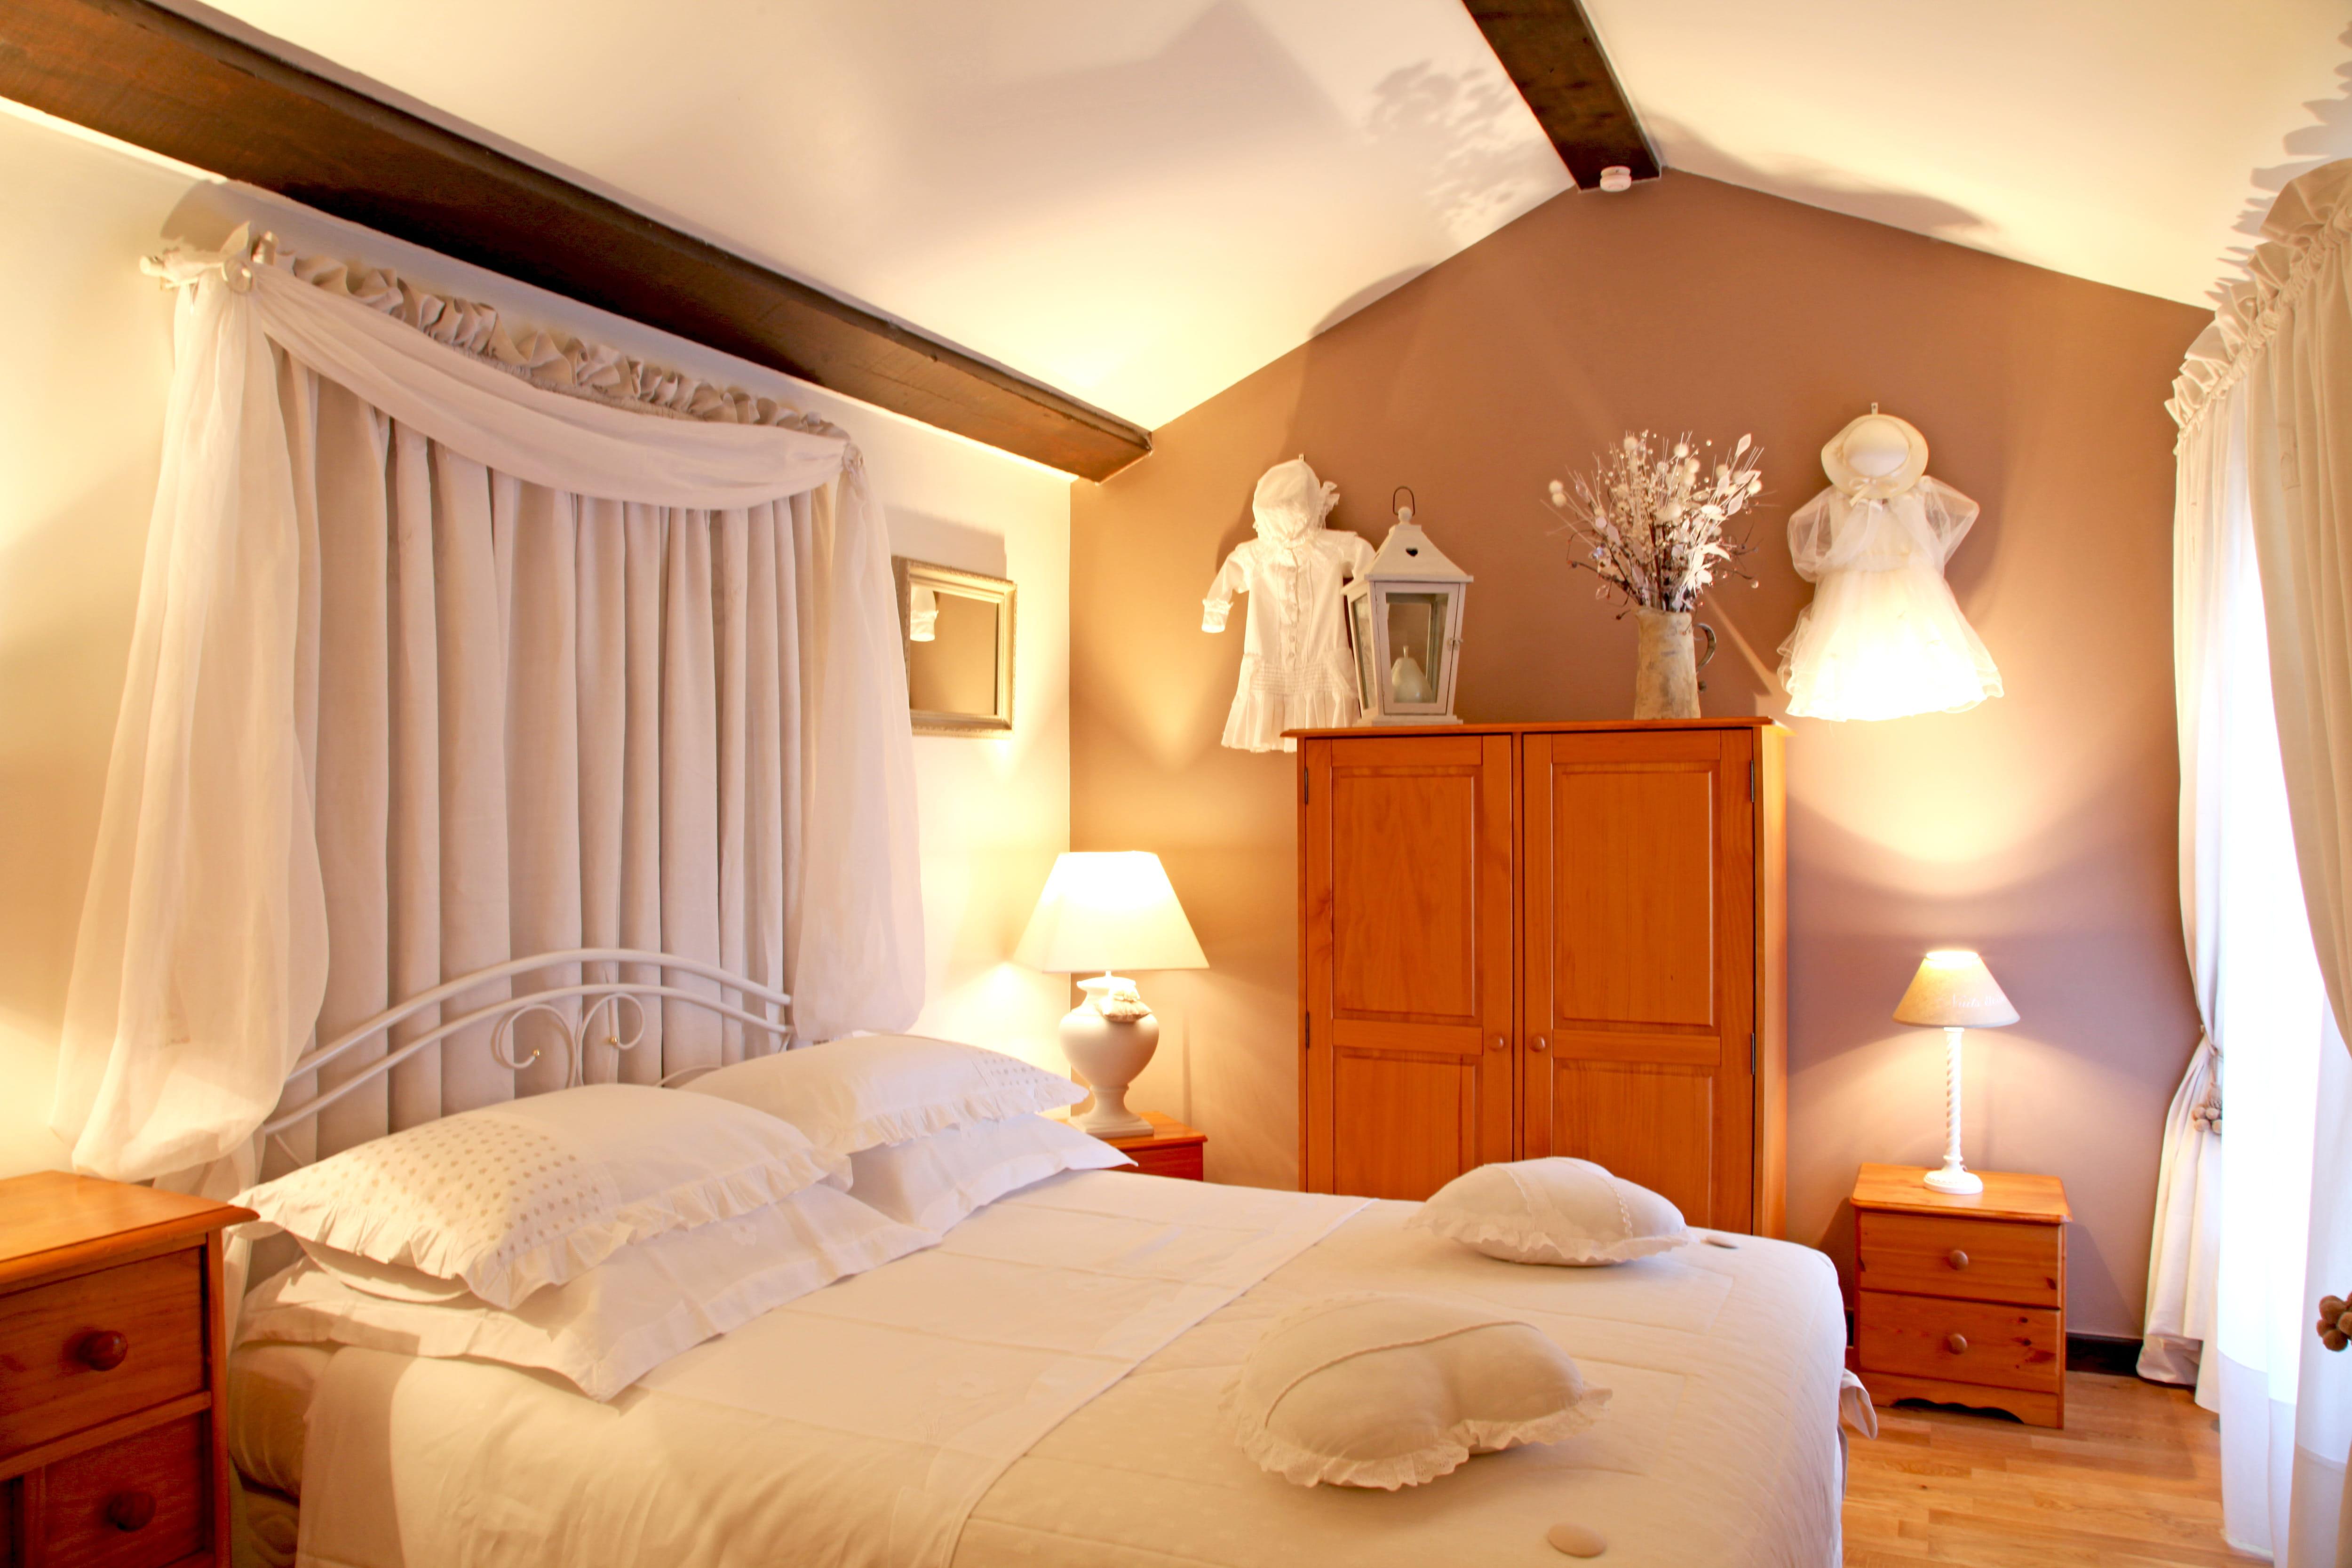 Fabriquer Ciel De Lit 14 idées pour décorer et mettre en valeur son lit